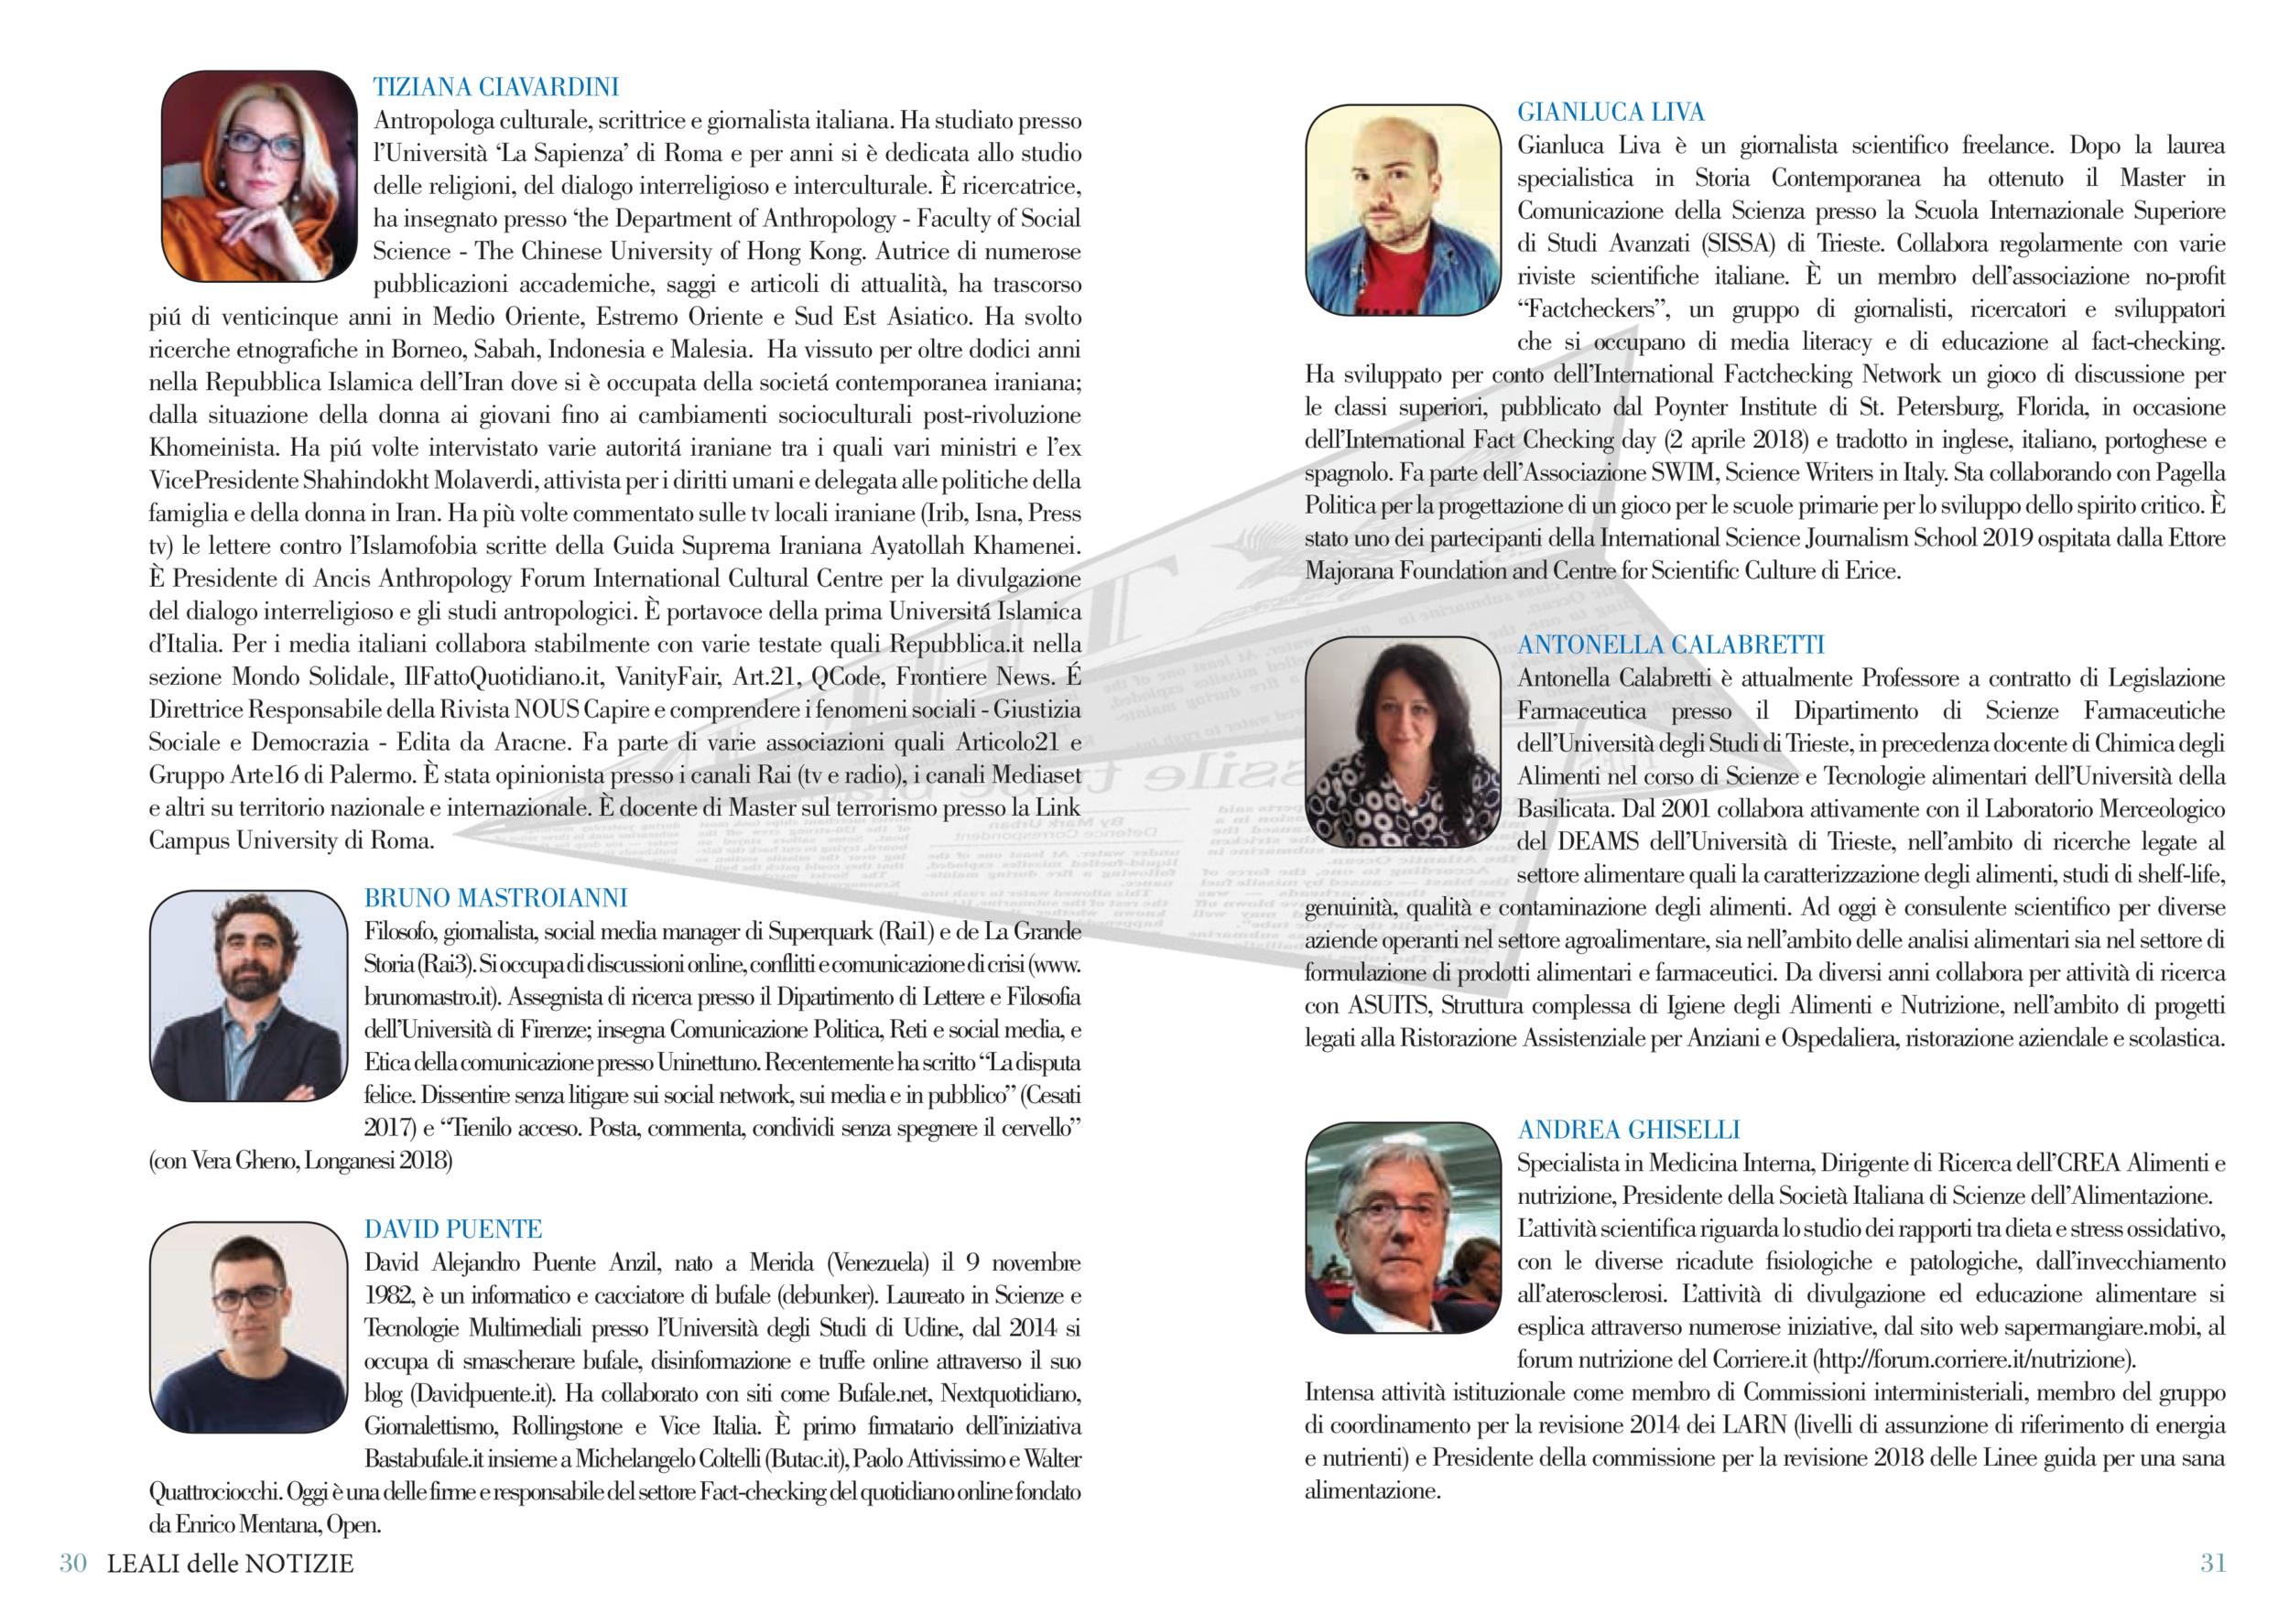 programma-festival-del-giornalismo-2019-16-2.PNG